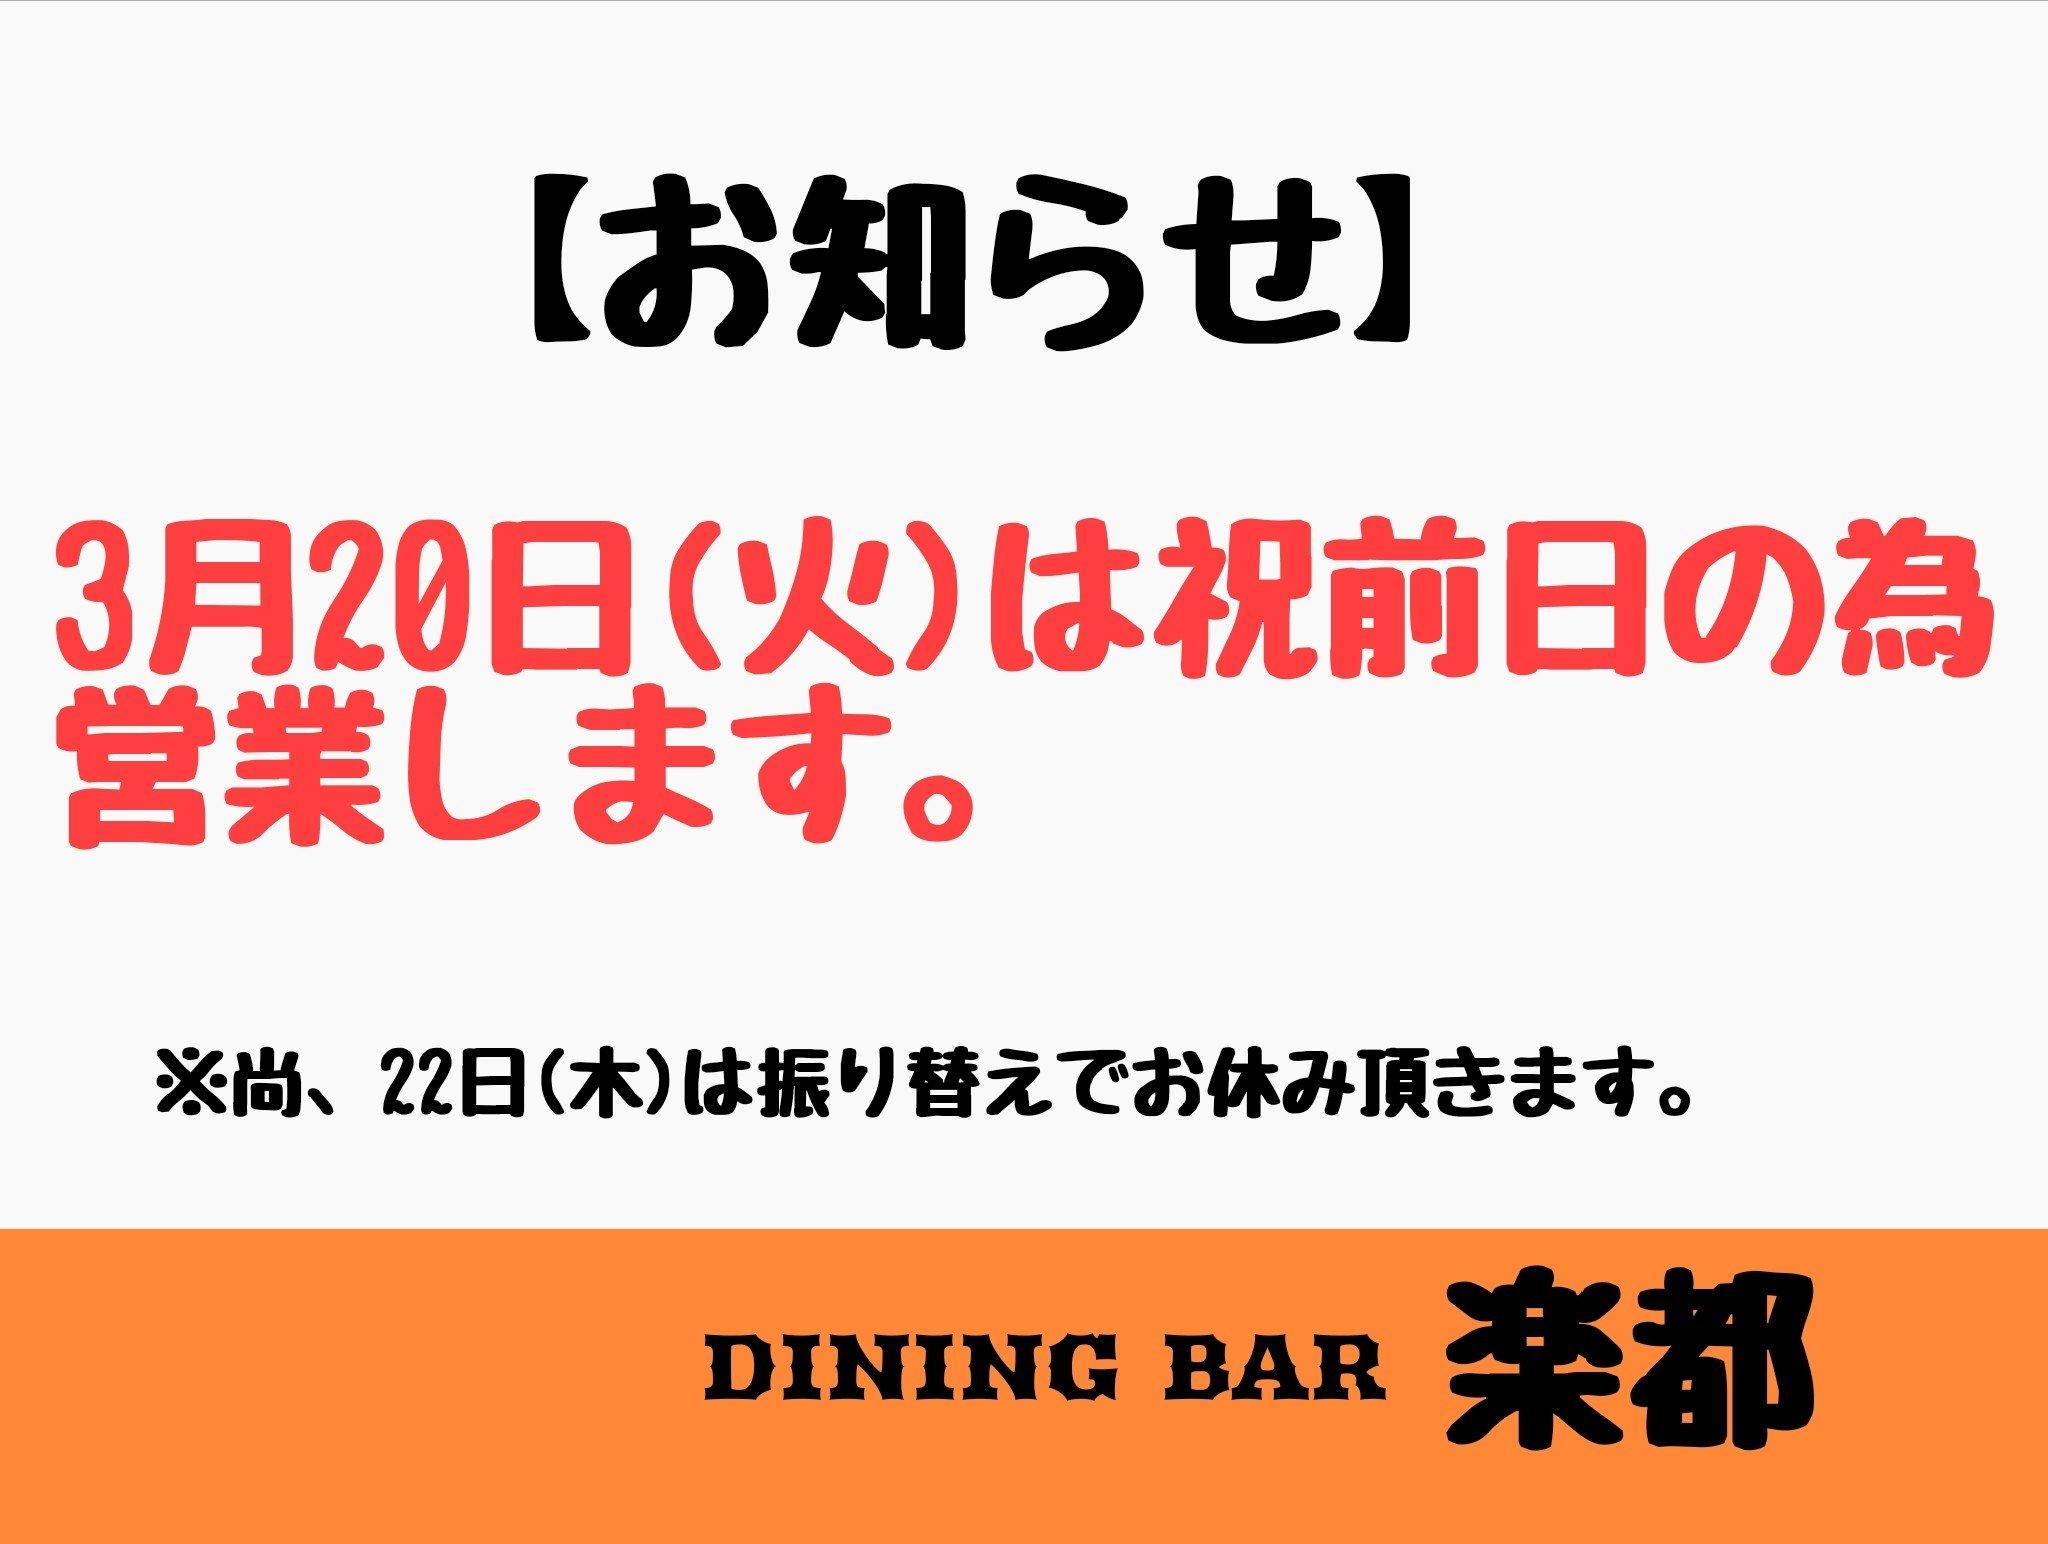 3/20(火)は営業します(マコト)【ダイニングバー楽都】